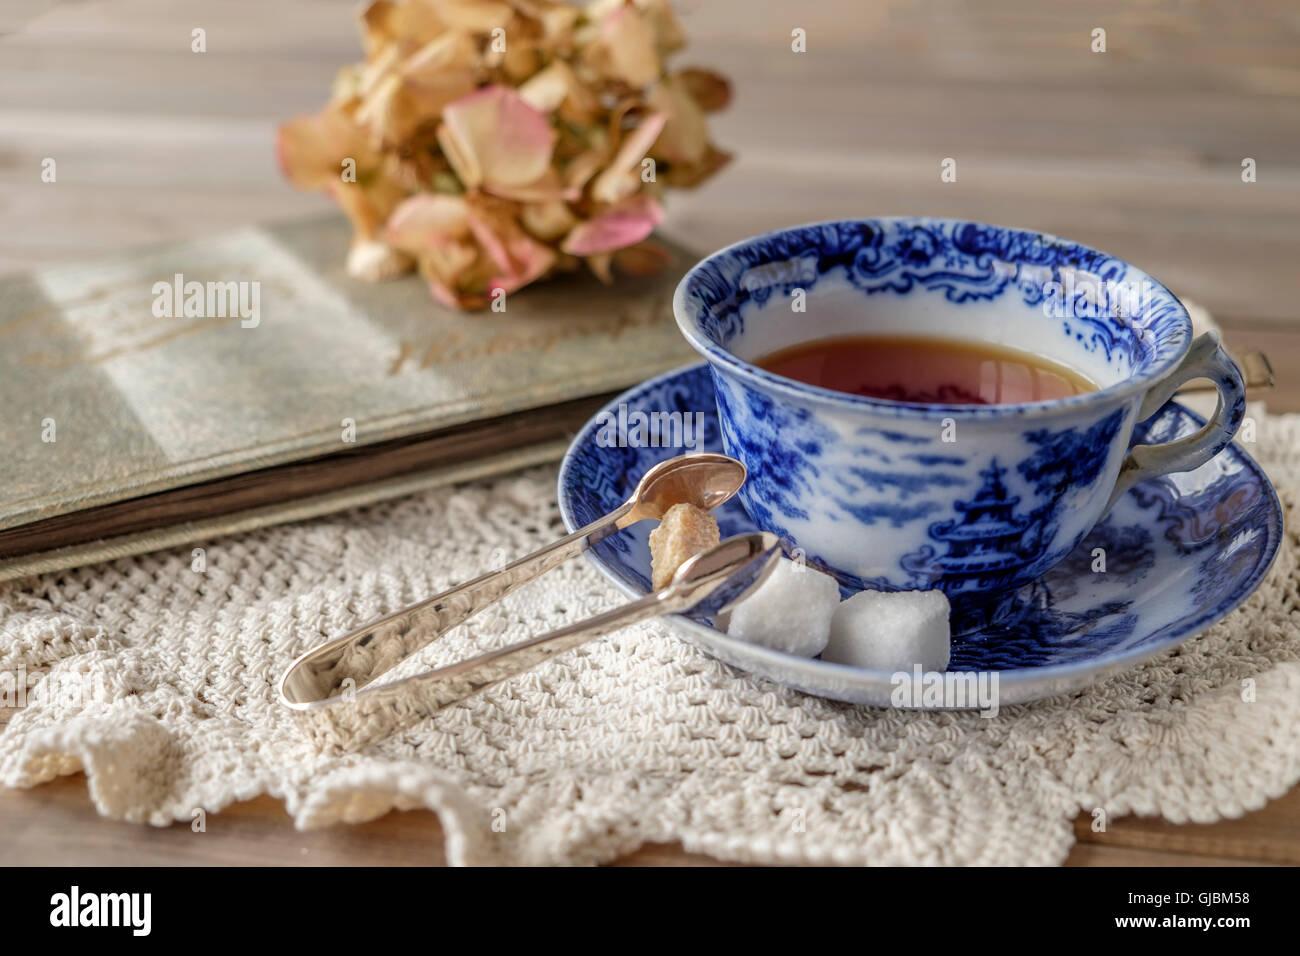 Scène nostalgique du thé en Chine bleu et blanc tasse et soucoupe sur les cubes de sucre brun et blanc Photo Stock